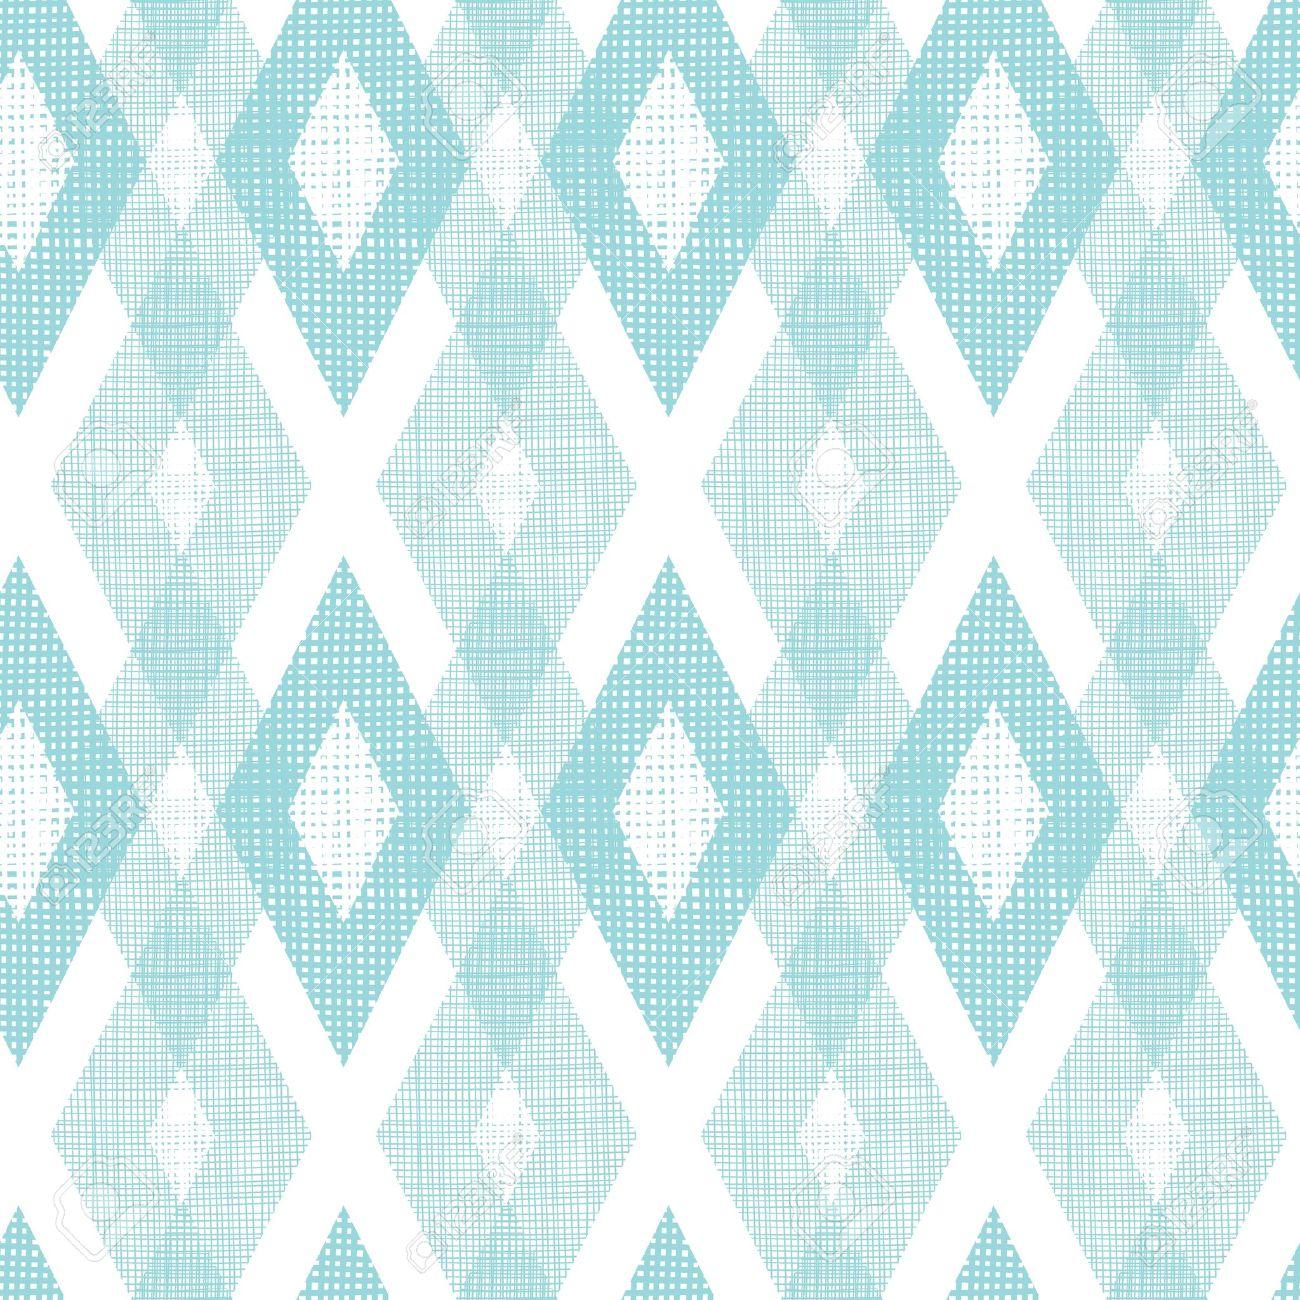 Pastel blue fabric ikat diamond seamless pattern background - 21263924